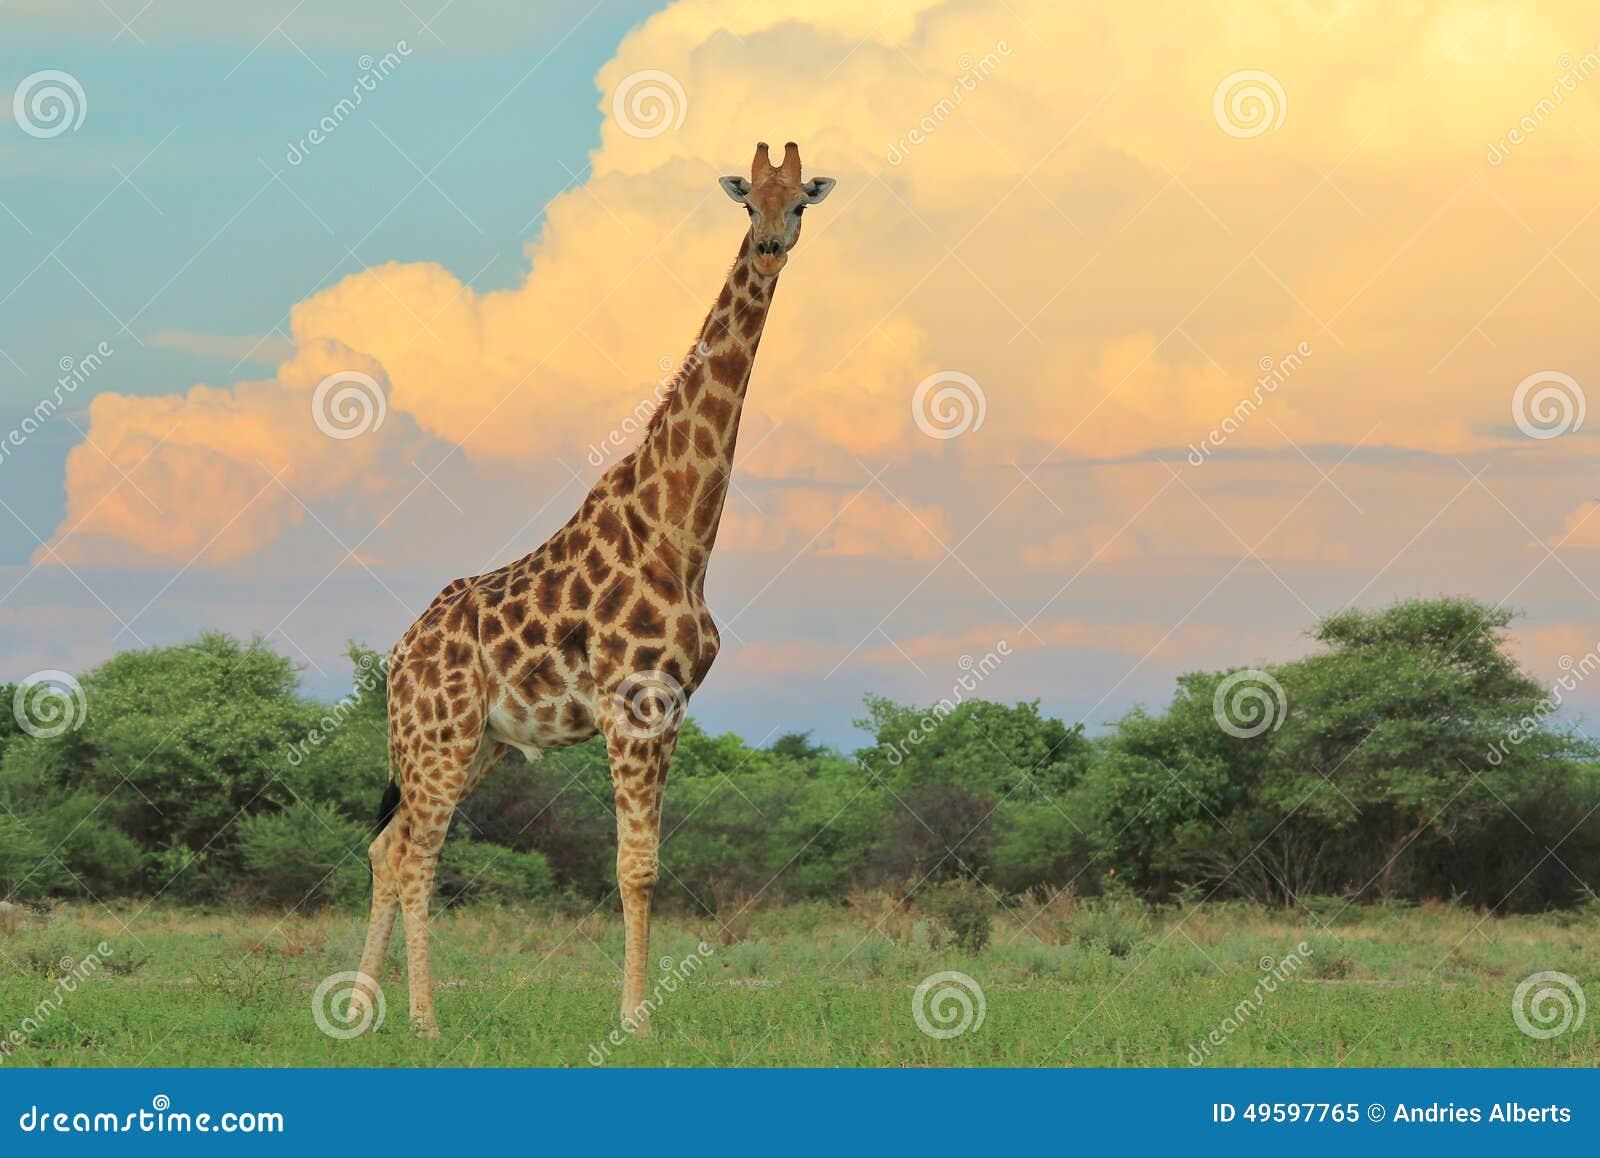 Ungewöhnlich Giraffe Färbung Seite Ideen - Malvorlagen Von Tieren ...